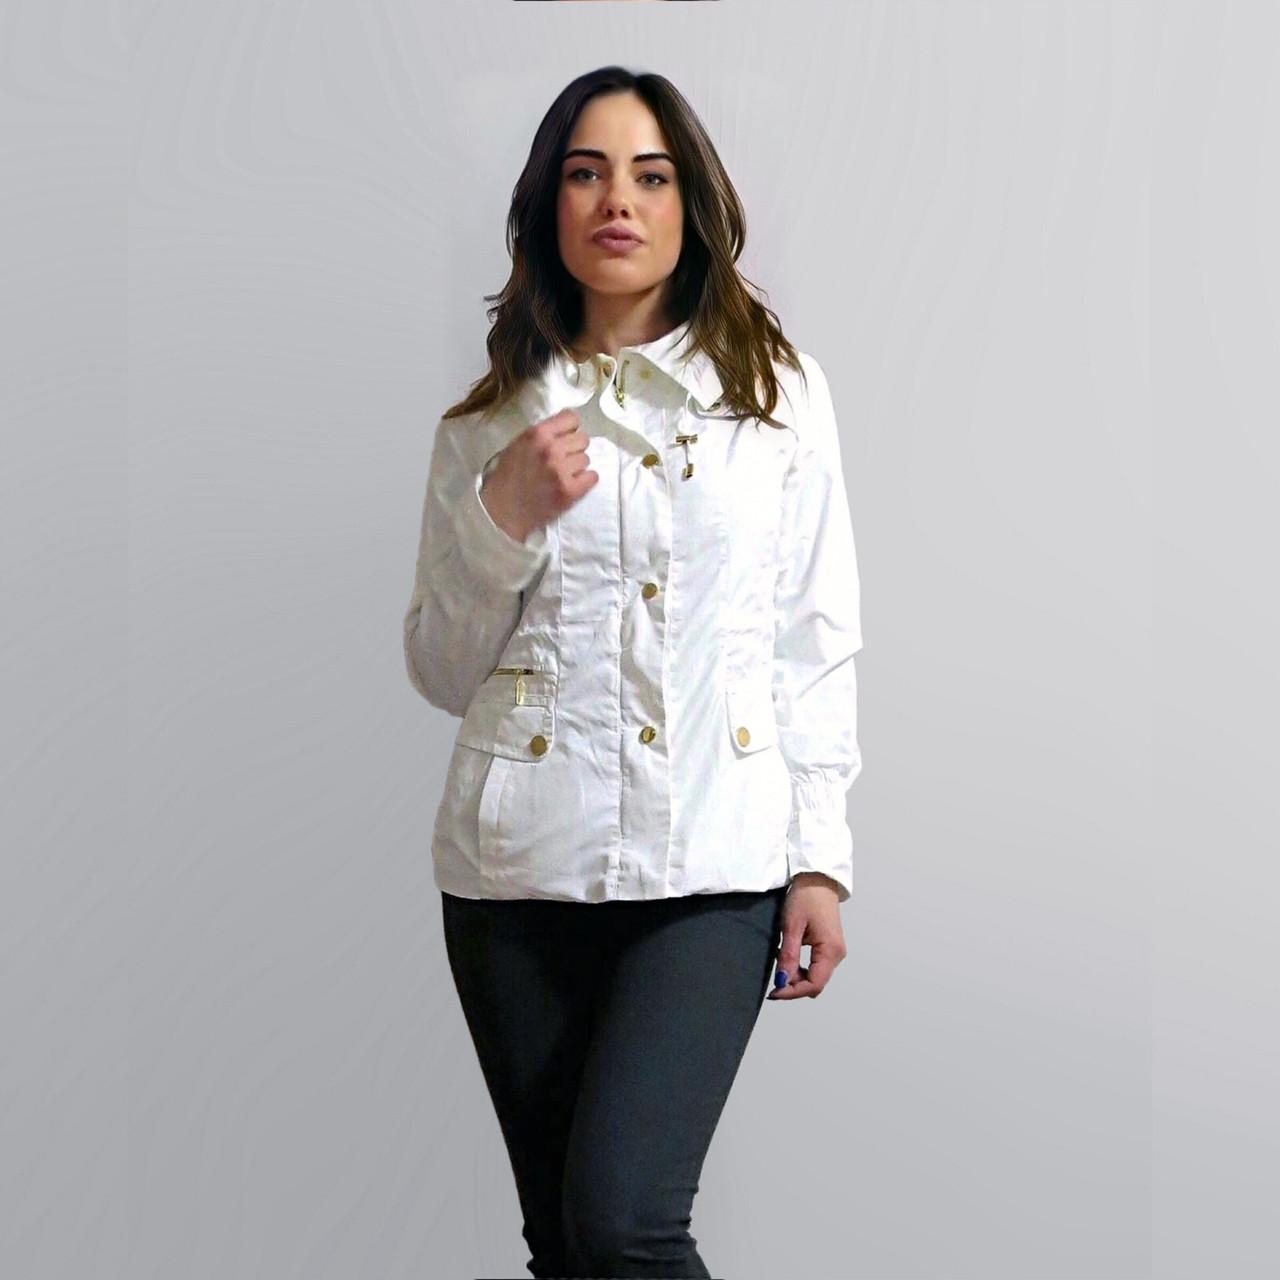 Стильний Піджак Блейзер Білого кольору. В наявності S, M